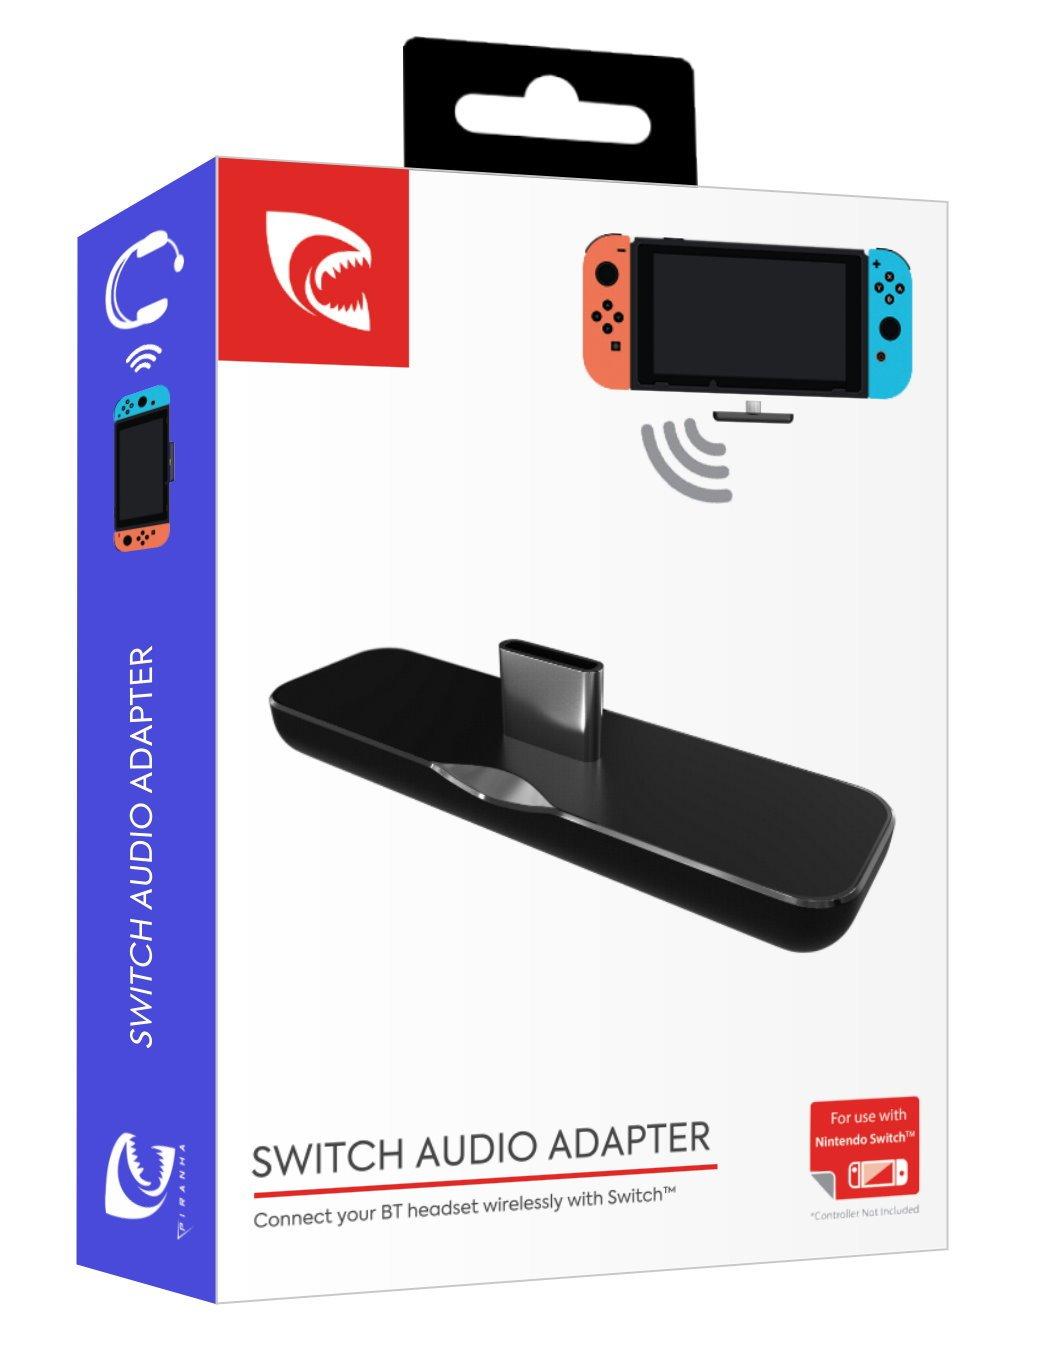 Piranha Switch Audio Adapter